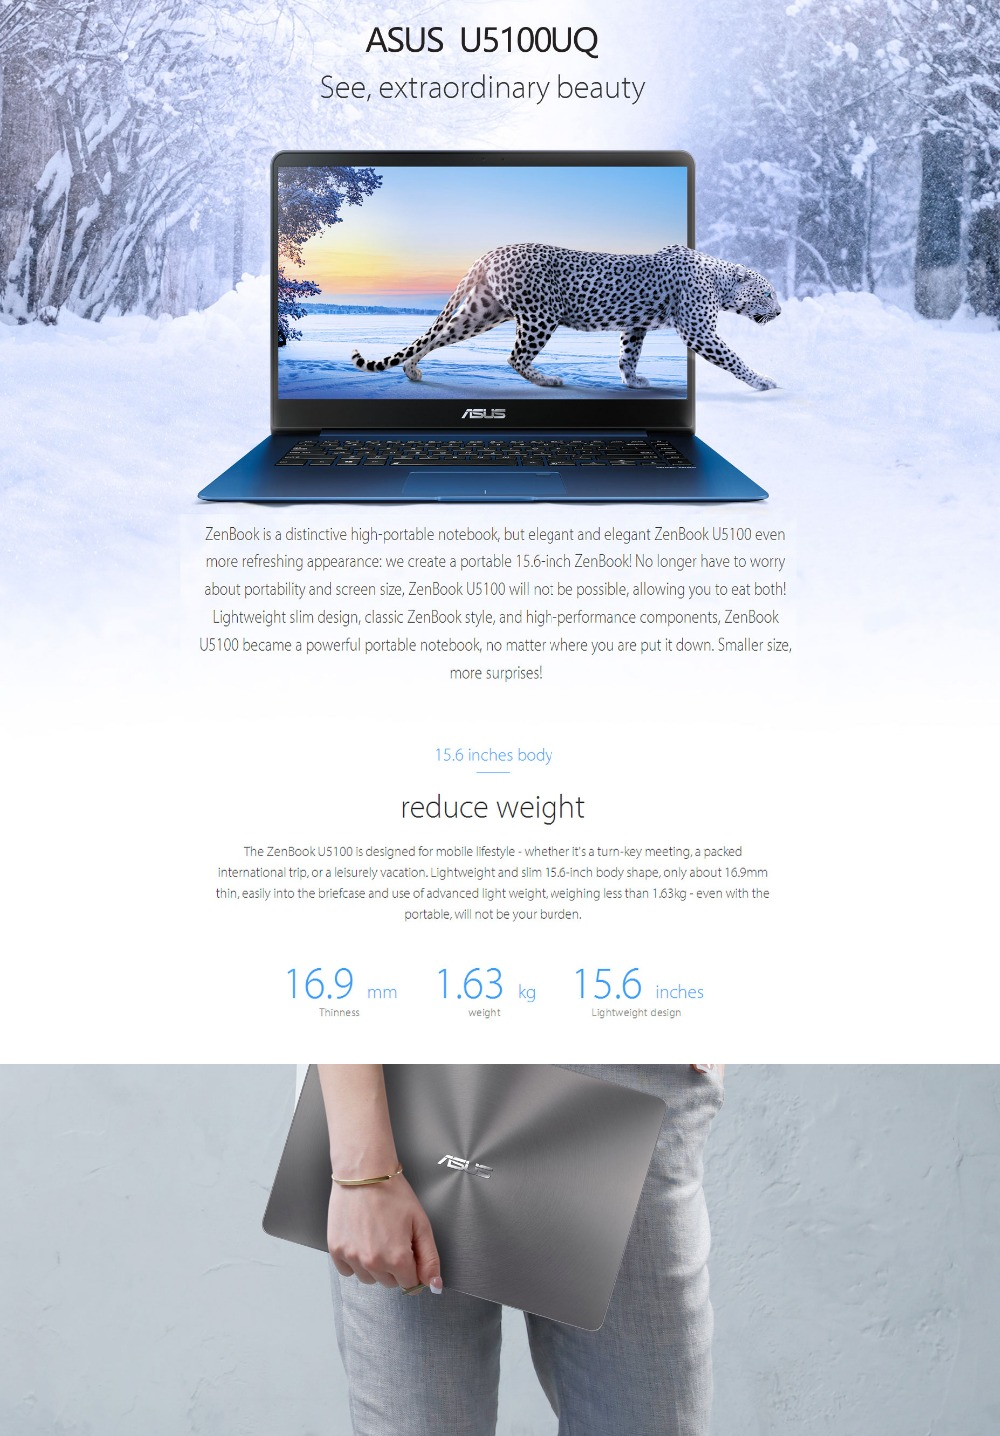 U5100UQ-_-Laptop-_-ASUS-China_01